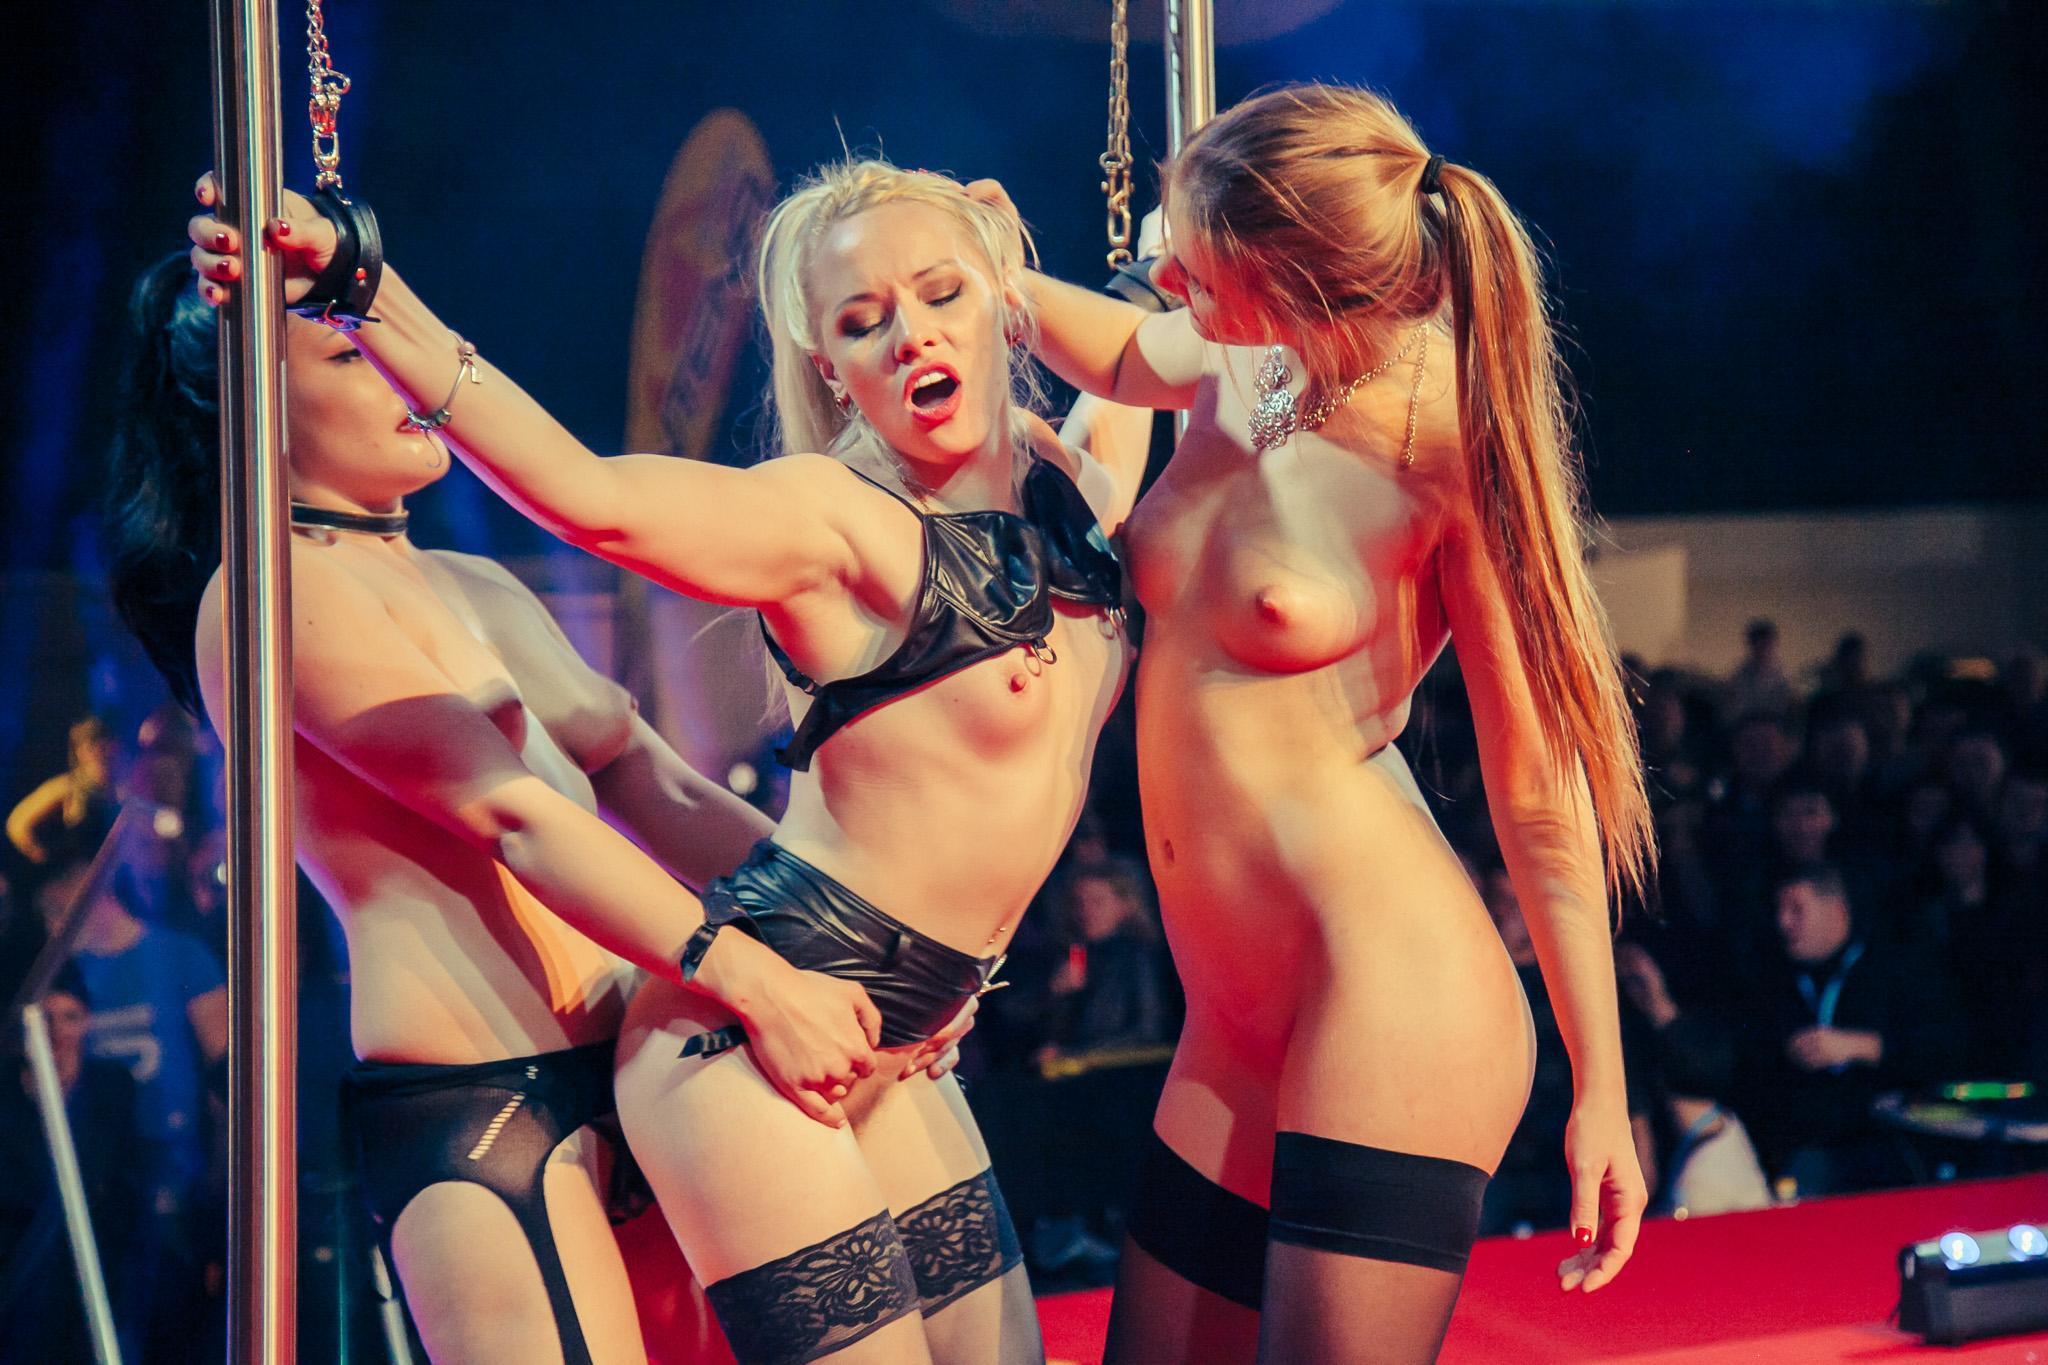 Порно эротик шоу смотреть